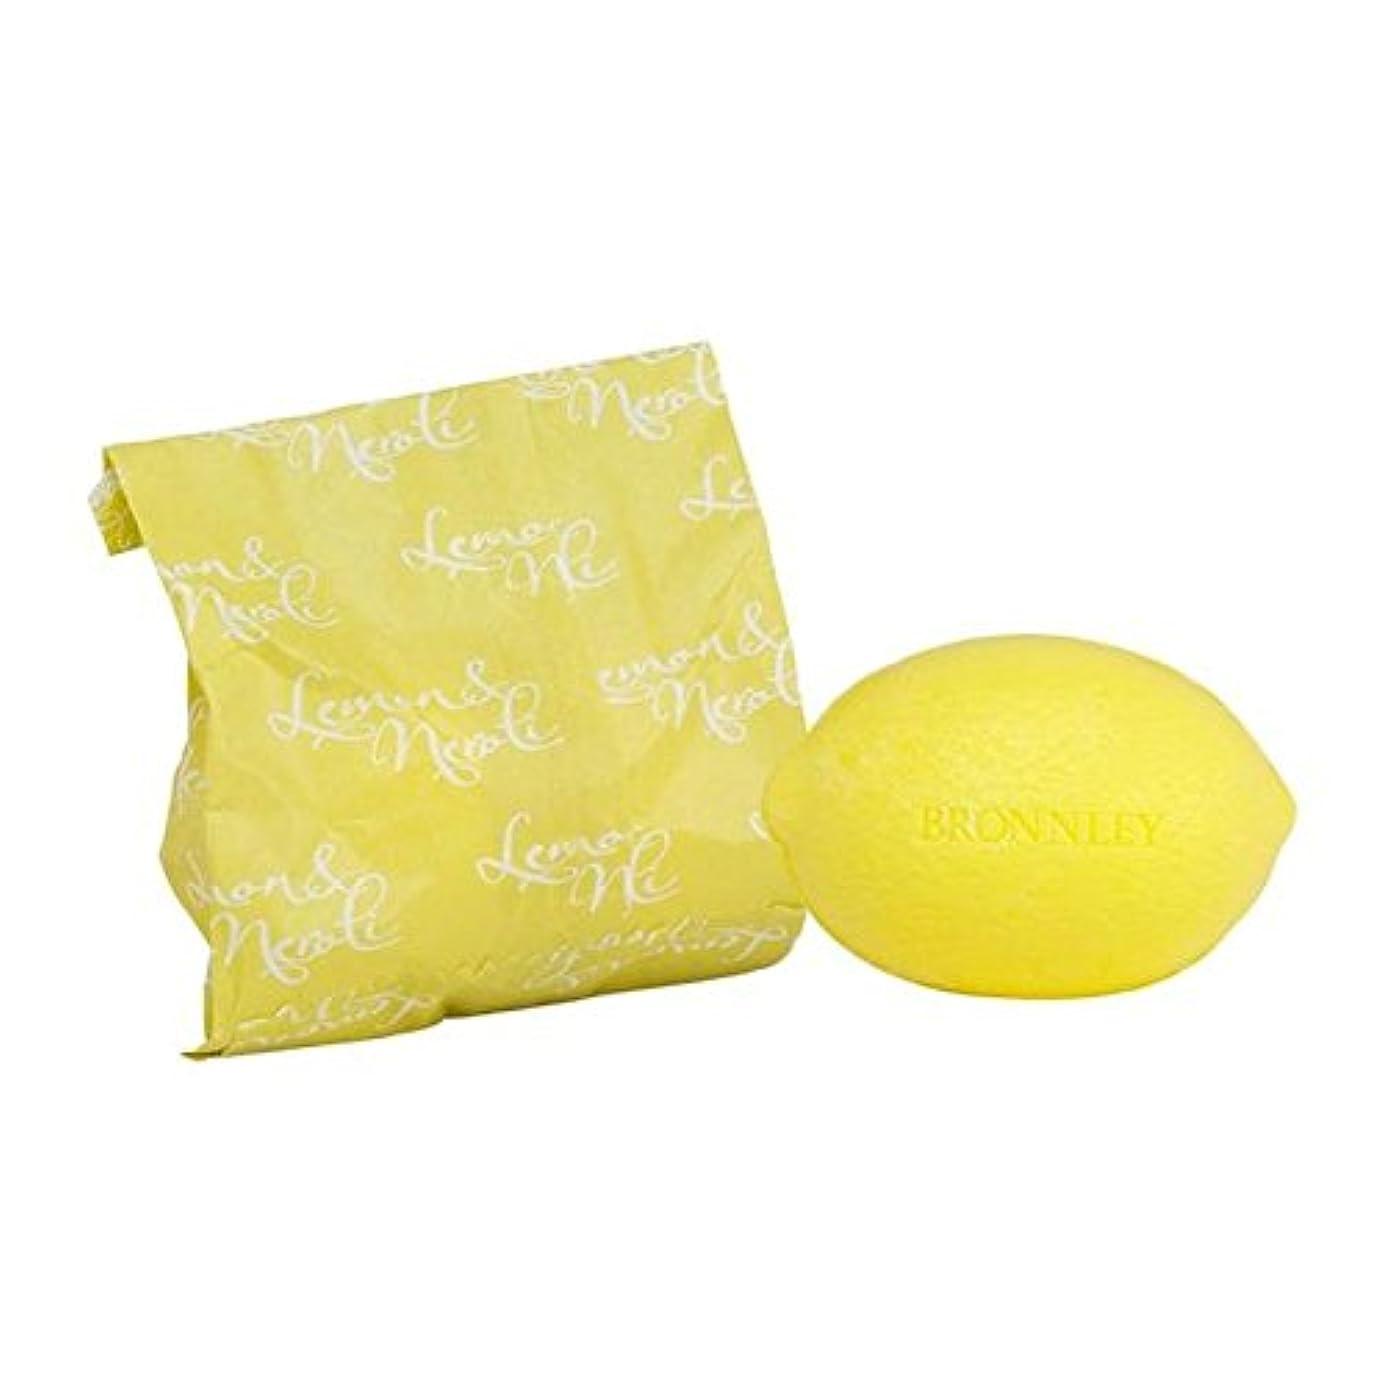 拡散する嵐が丘ルートBronnley Lemon & Neroli Soap 100g - レモン&ネロリ石鹸100グラム [並行輸入品]